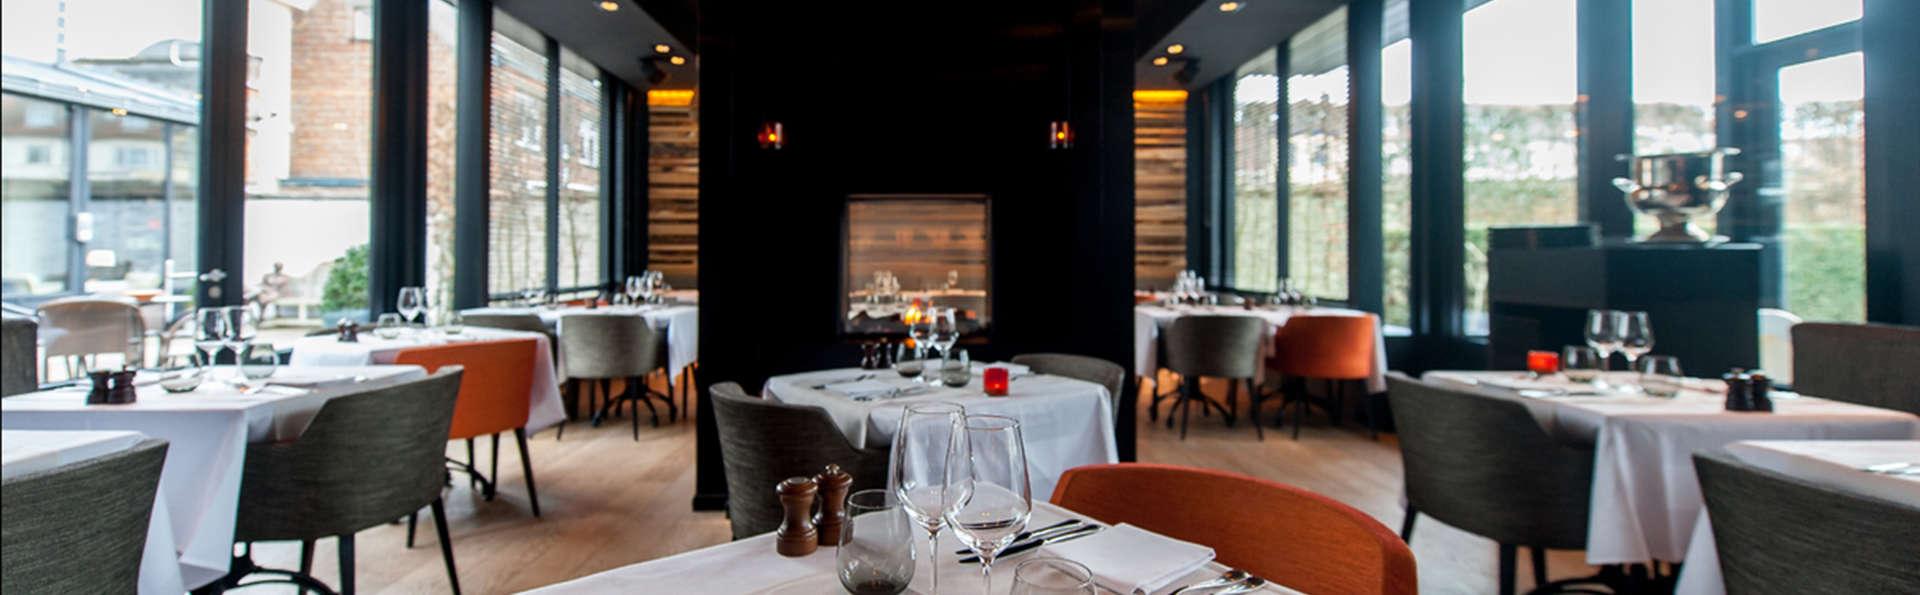 Passez un séjour gastronomique dans un hôtel charmant à Bruges